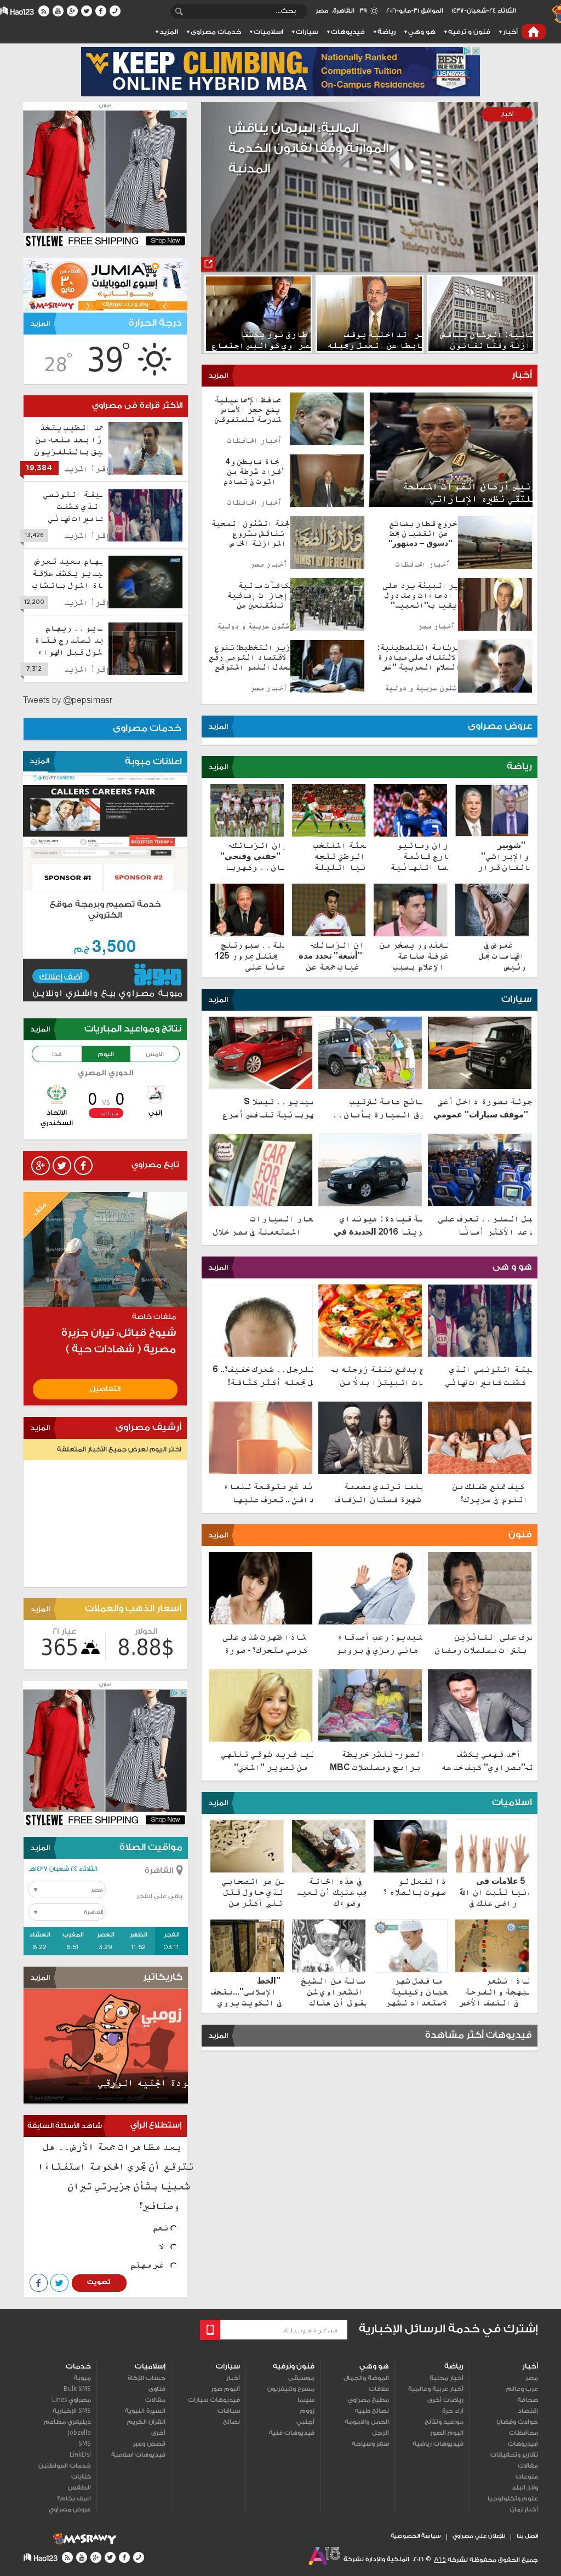 Masrawy at Tuesday May 31, 2016, 7:10 p.m. UTC